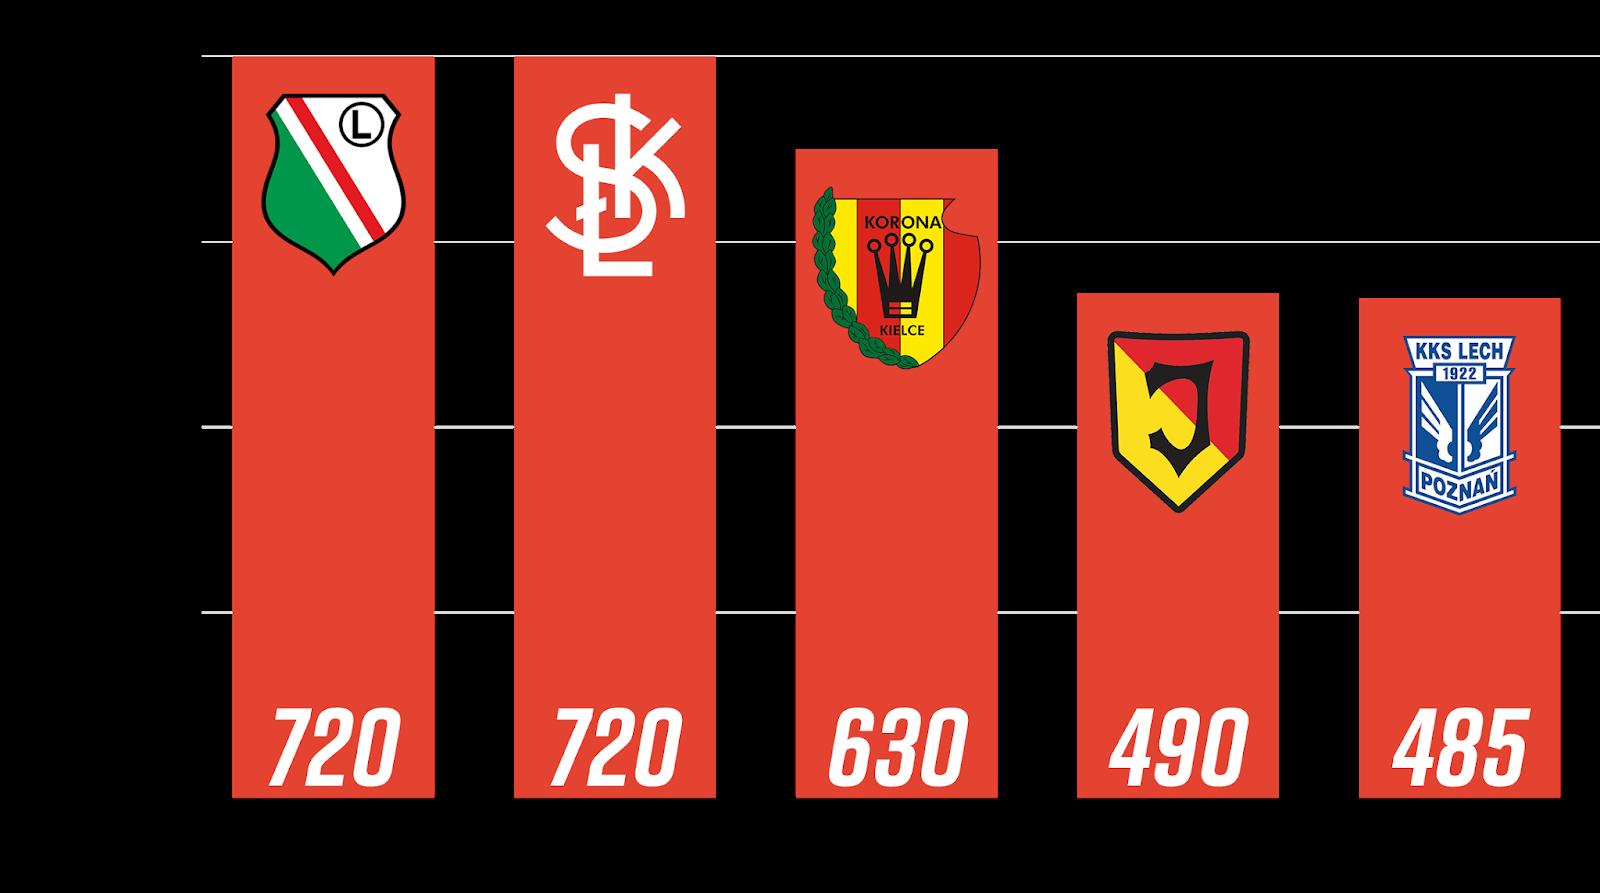 Młodzieżowcy z rocznika 1999 i młodsi z największą liczbą rozegranych minut po 8. kolejce PKO Ekstraklasy<br><br>Źródło: Opracowanie własne na podstawie ekstrastats.pl<br><br>graf. Bartosz Urban